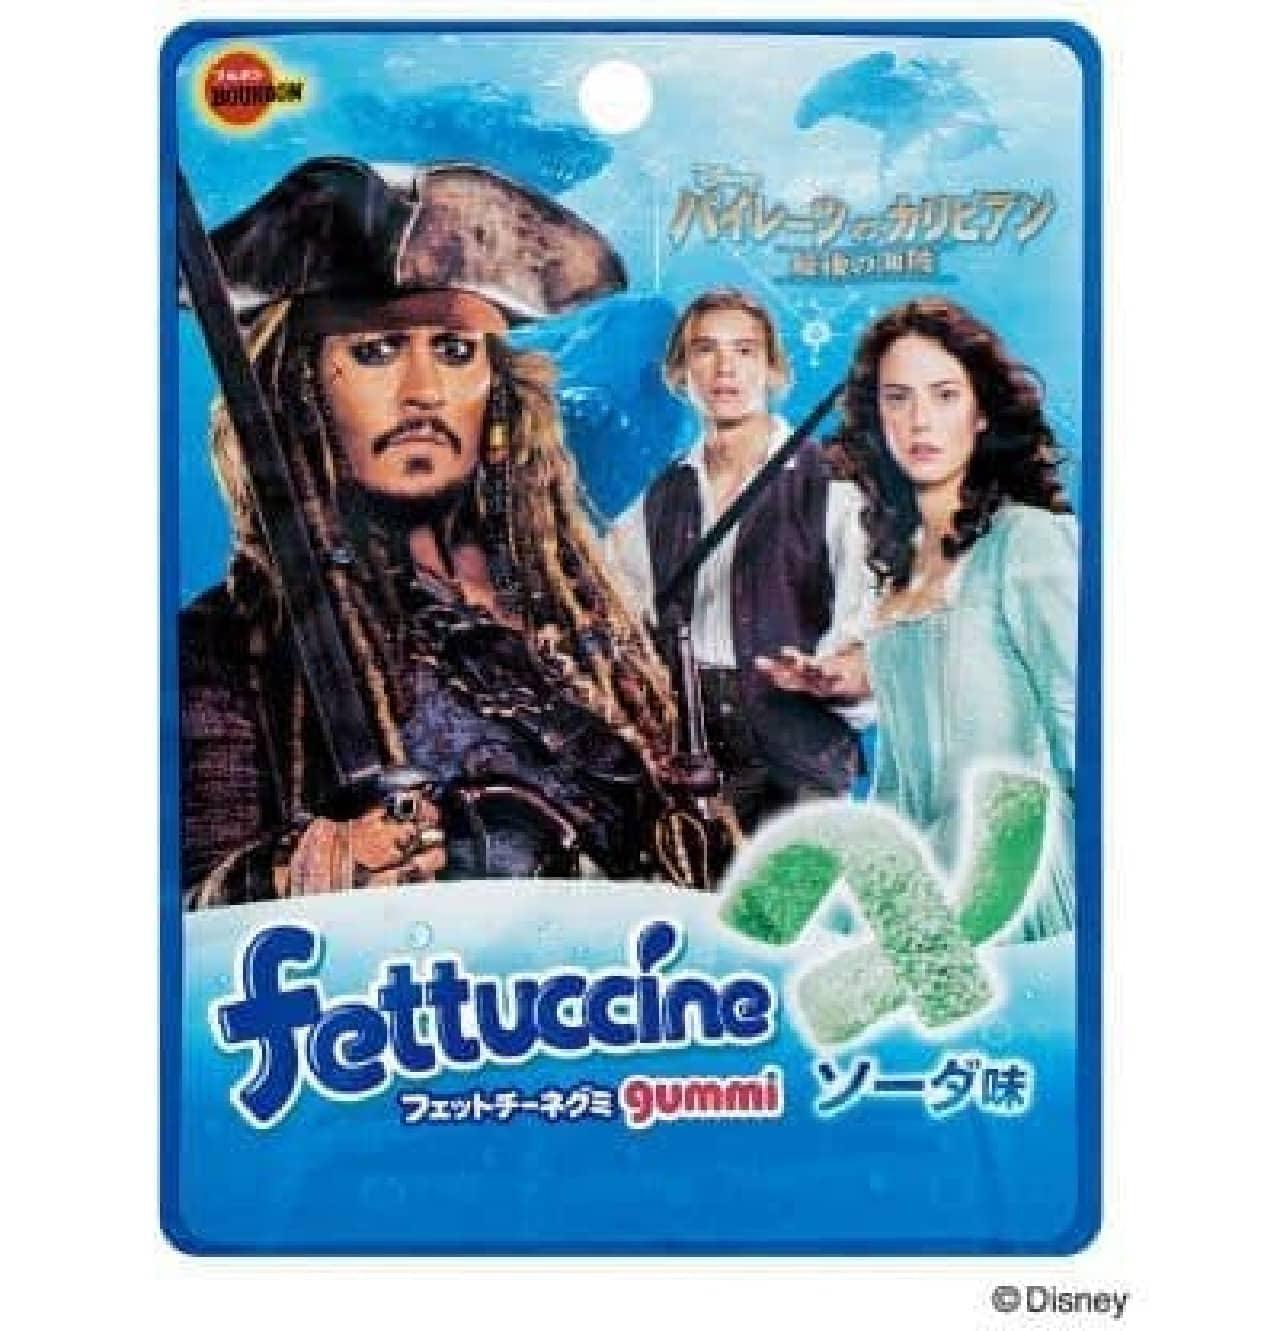 「フェットチーネグミソーダ味」は、パッケージにジャック・スパロウたちがプリントされたグミ